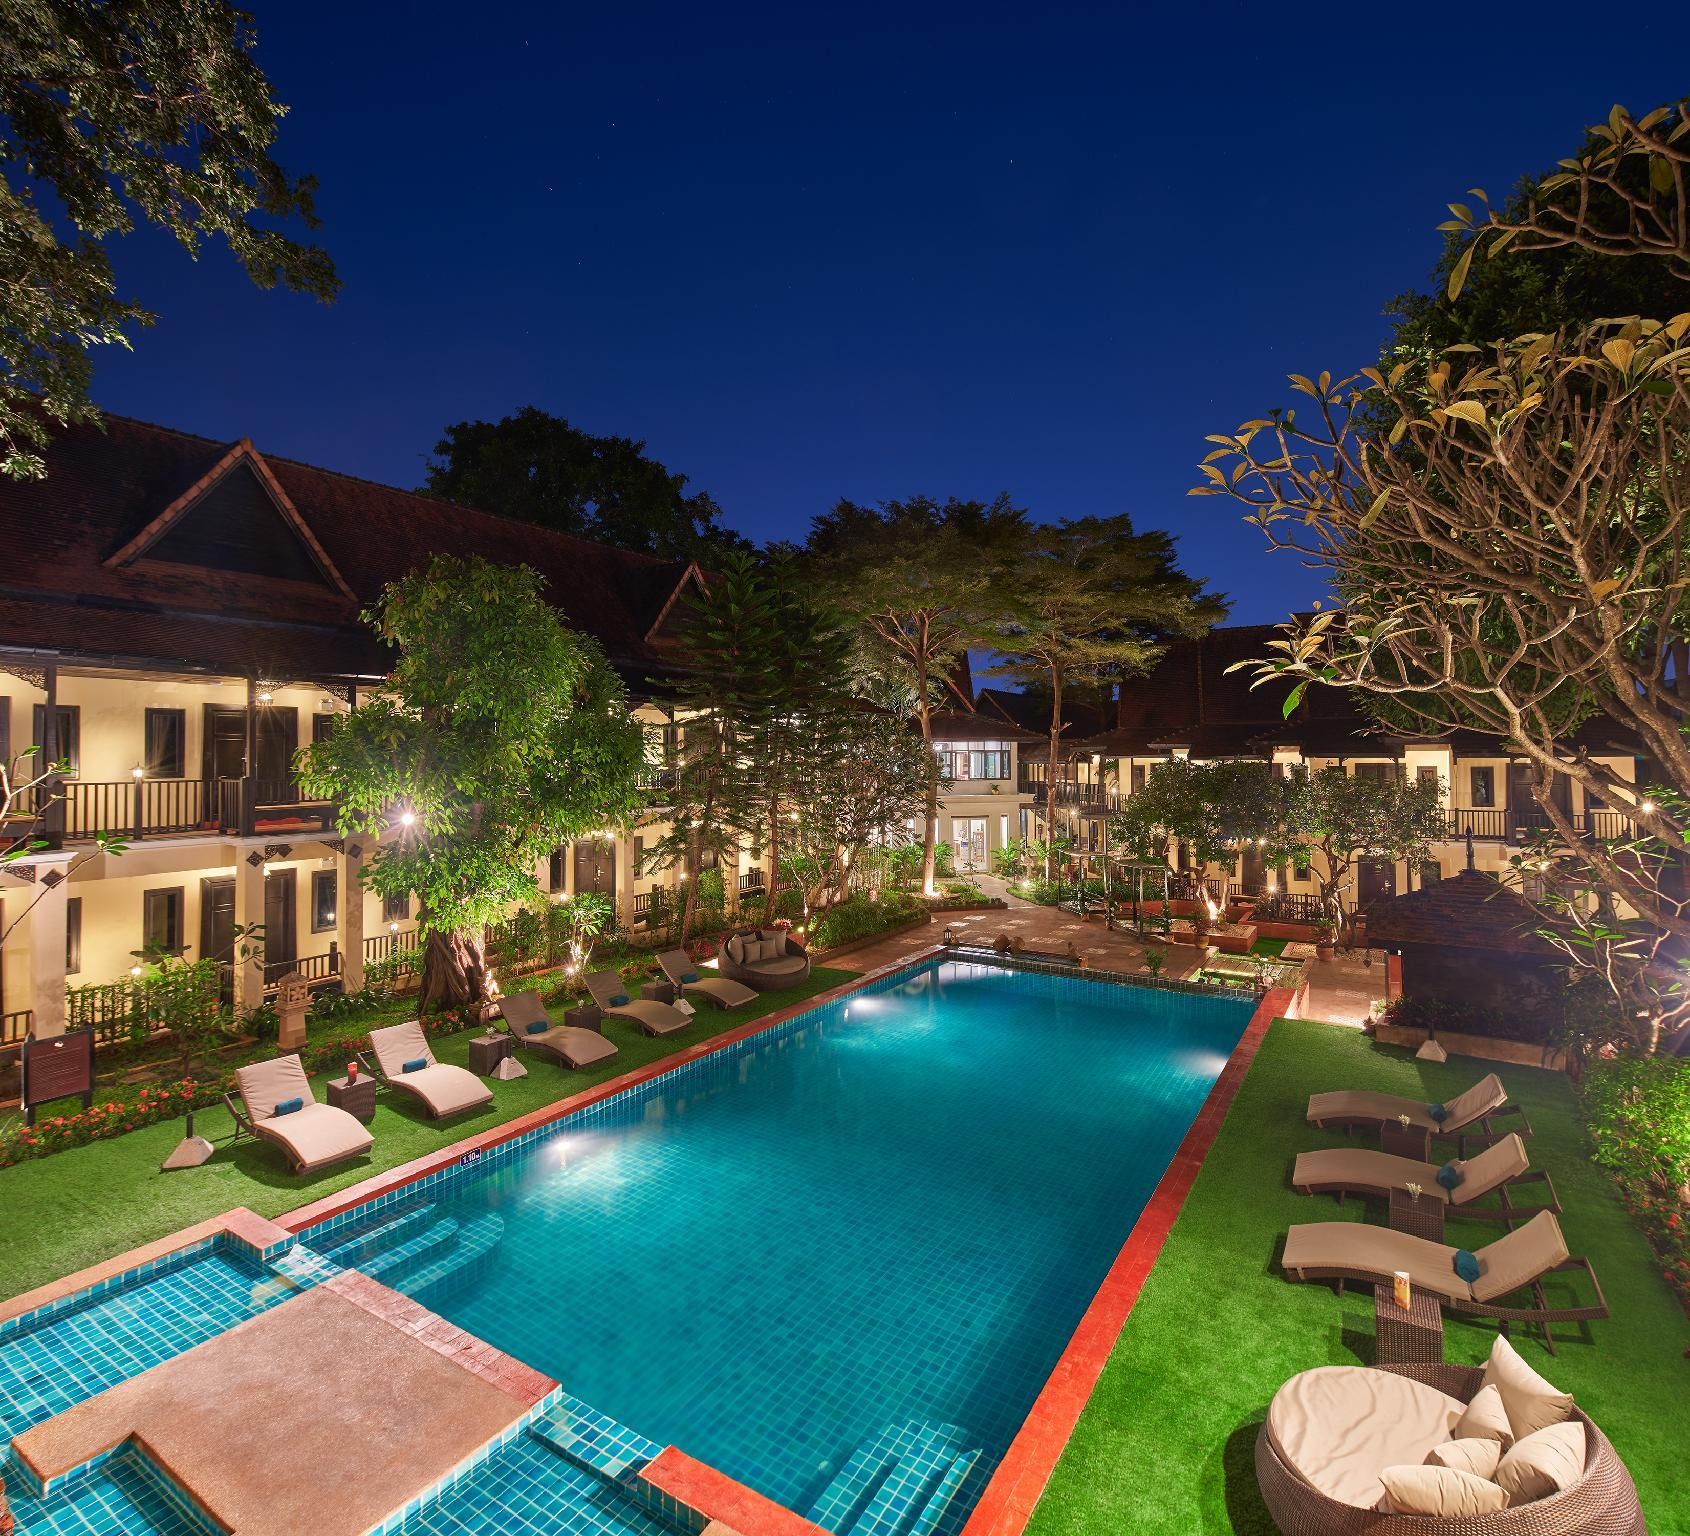 Floral Hotel Ayatana Chiang Mai